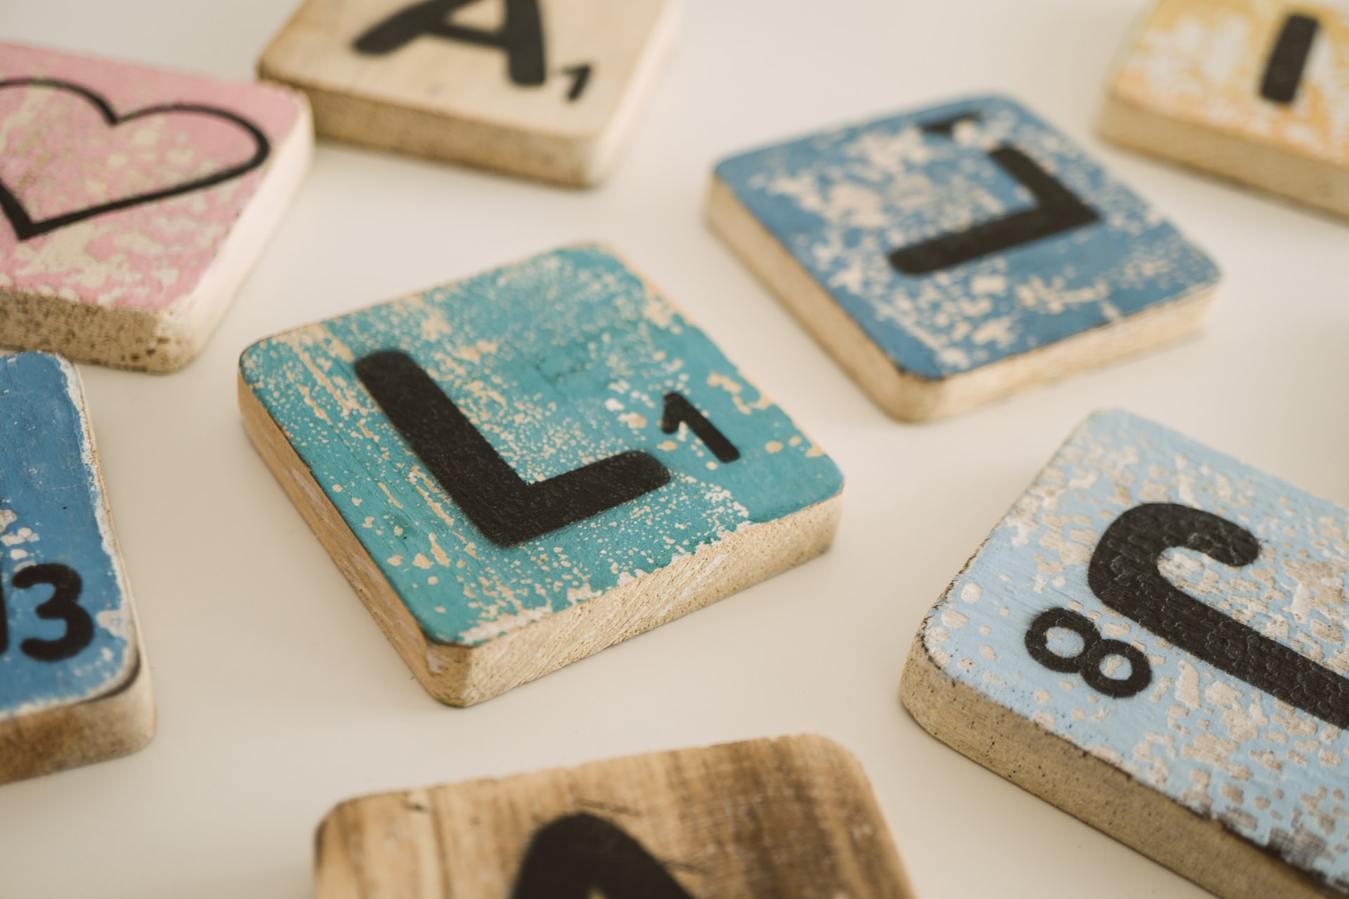 Drewniane bloczki z literami Scrabble